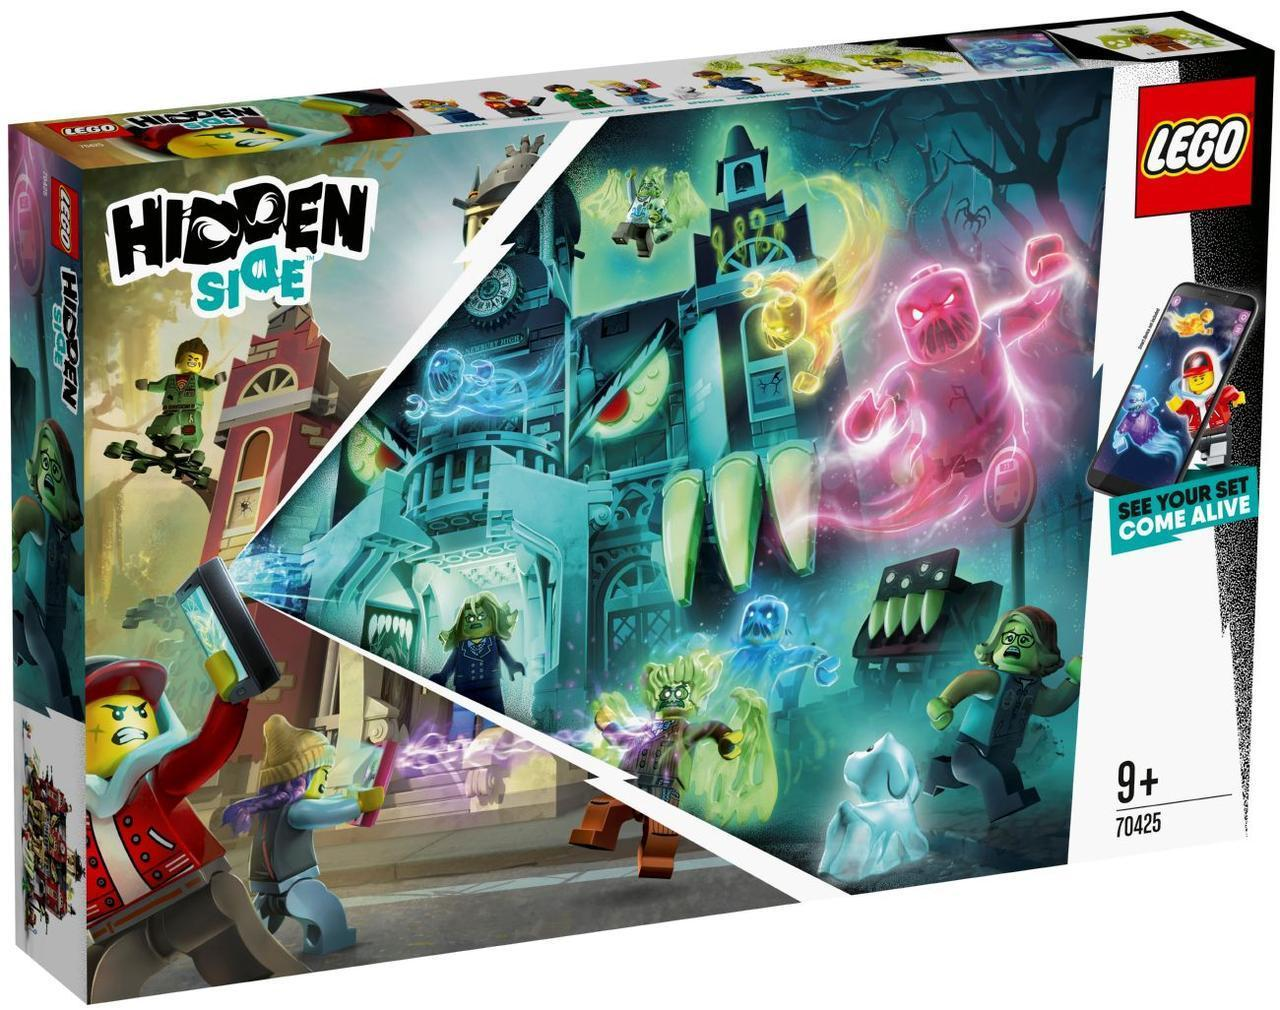 Lego Hidden Side Школа с привидениями Ньюбери 70425